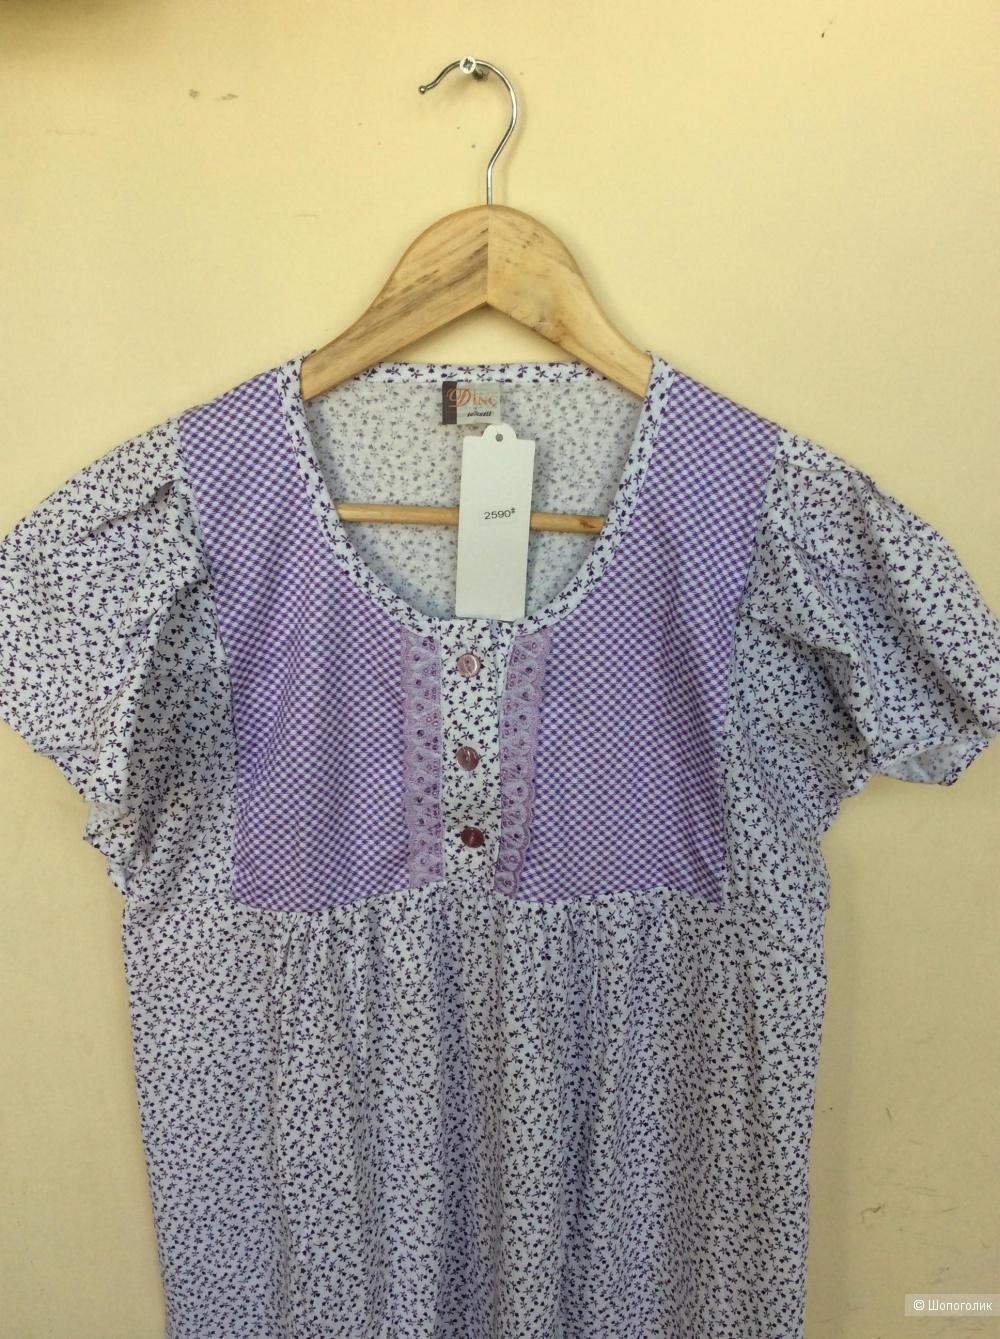 Ночная рубашка Dinc размер М